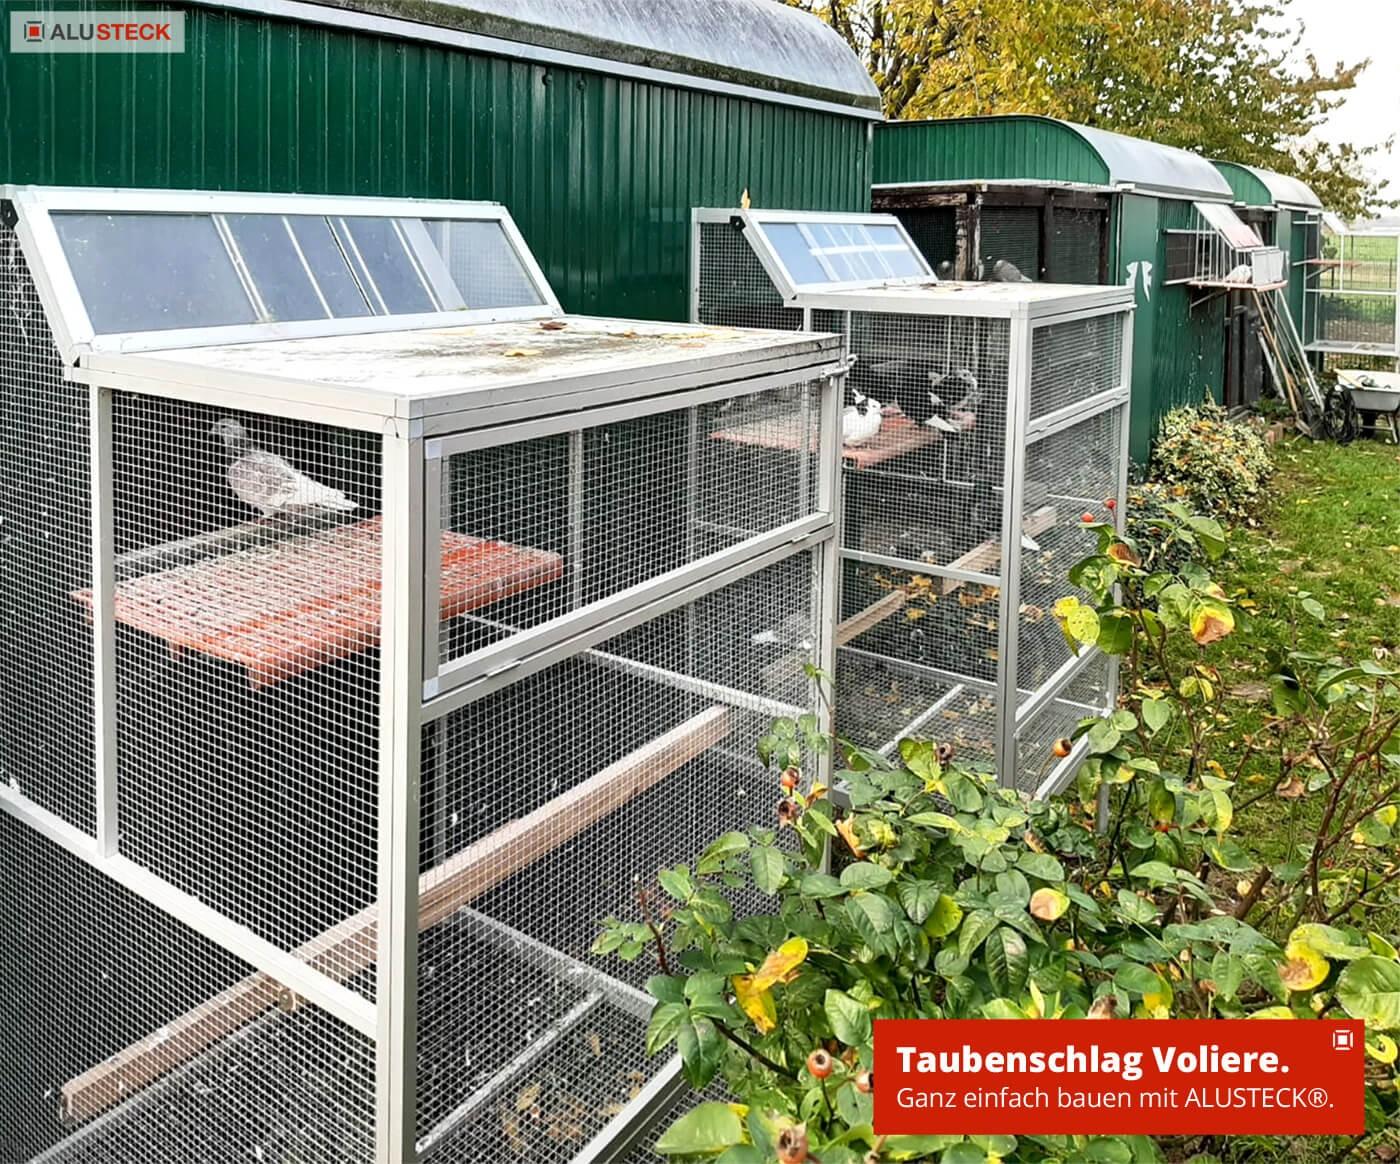 Voliere für Tauben selber bauen Käfig Reiseschlag